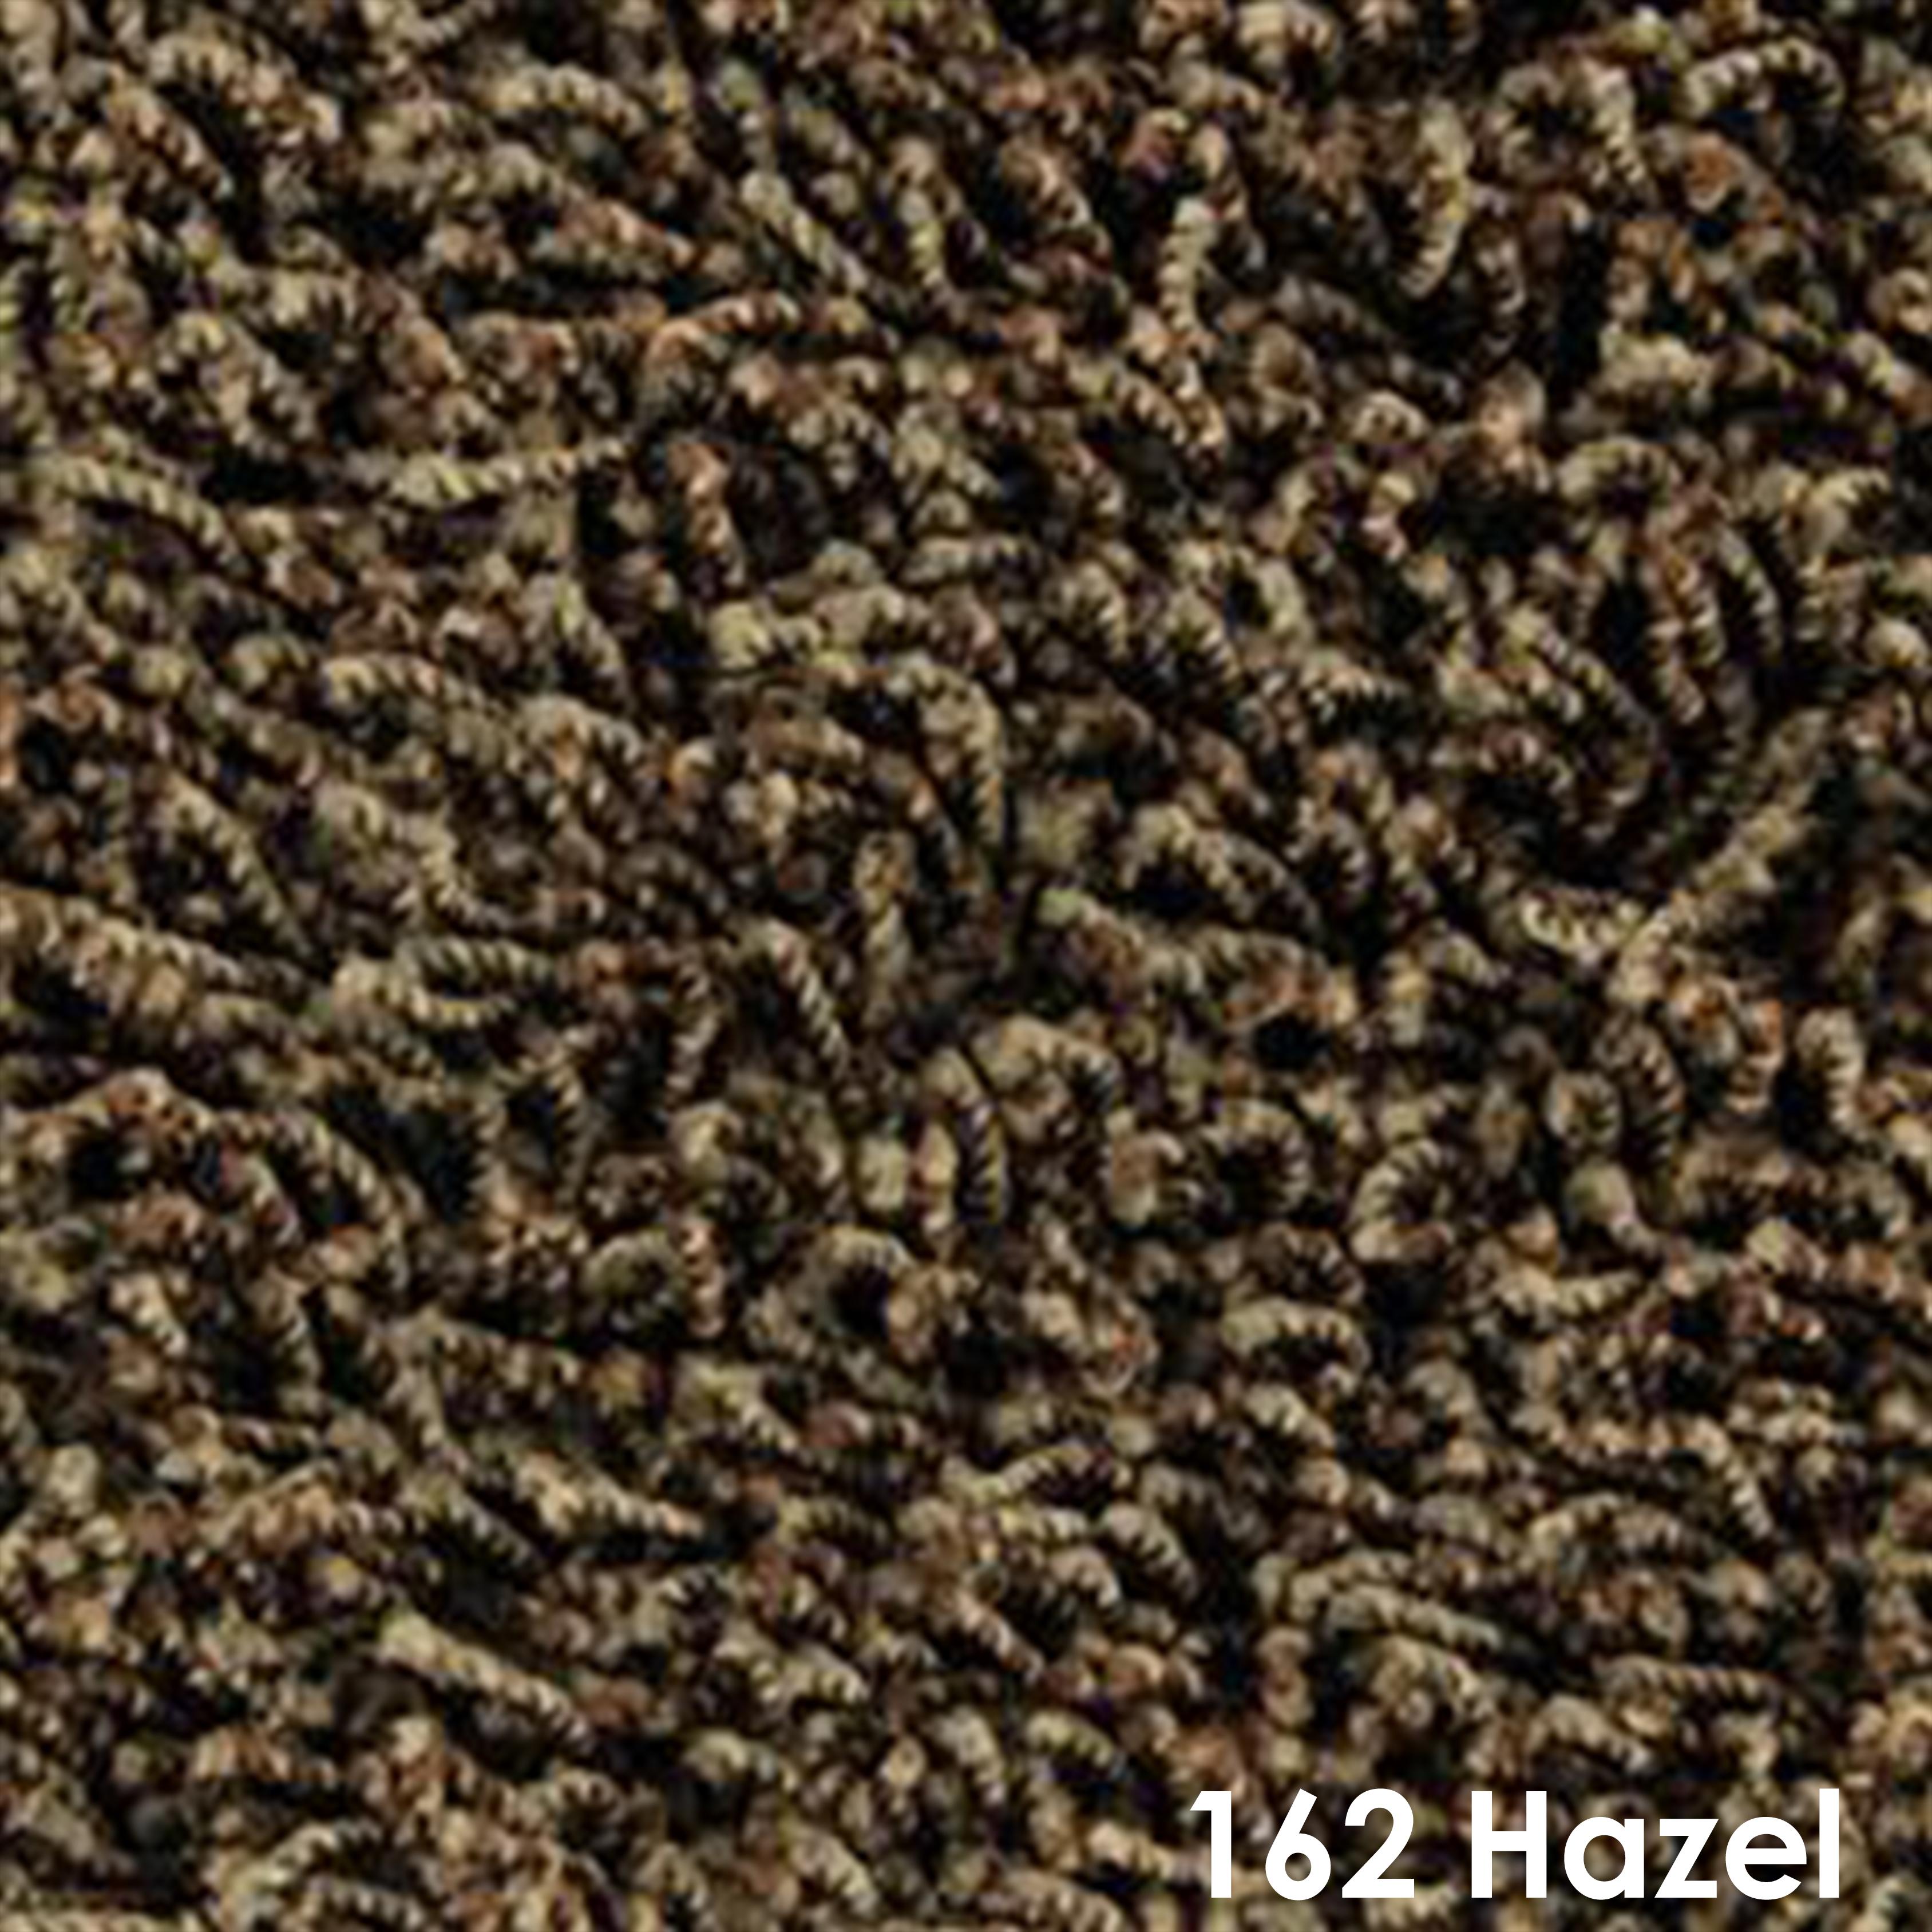 v162 Hazel